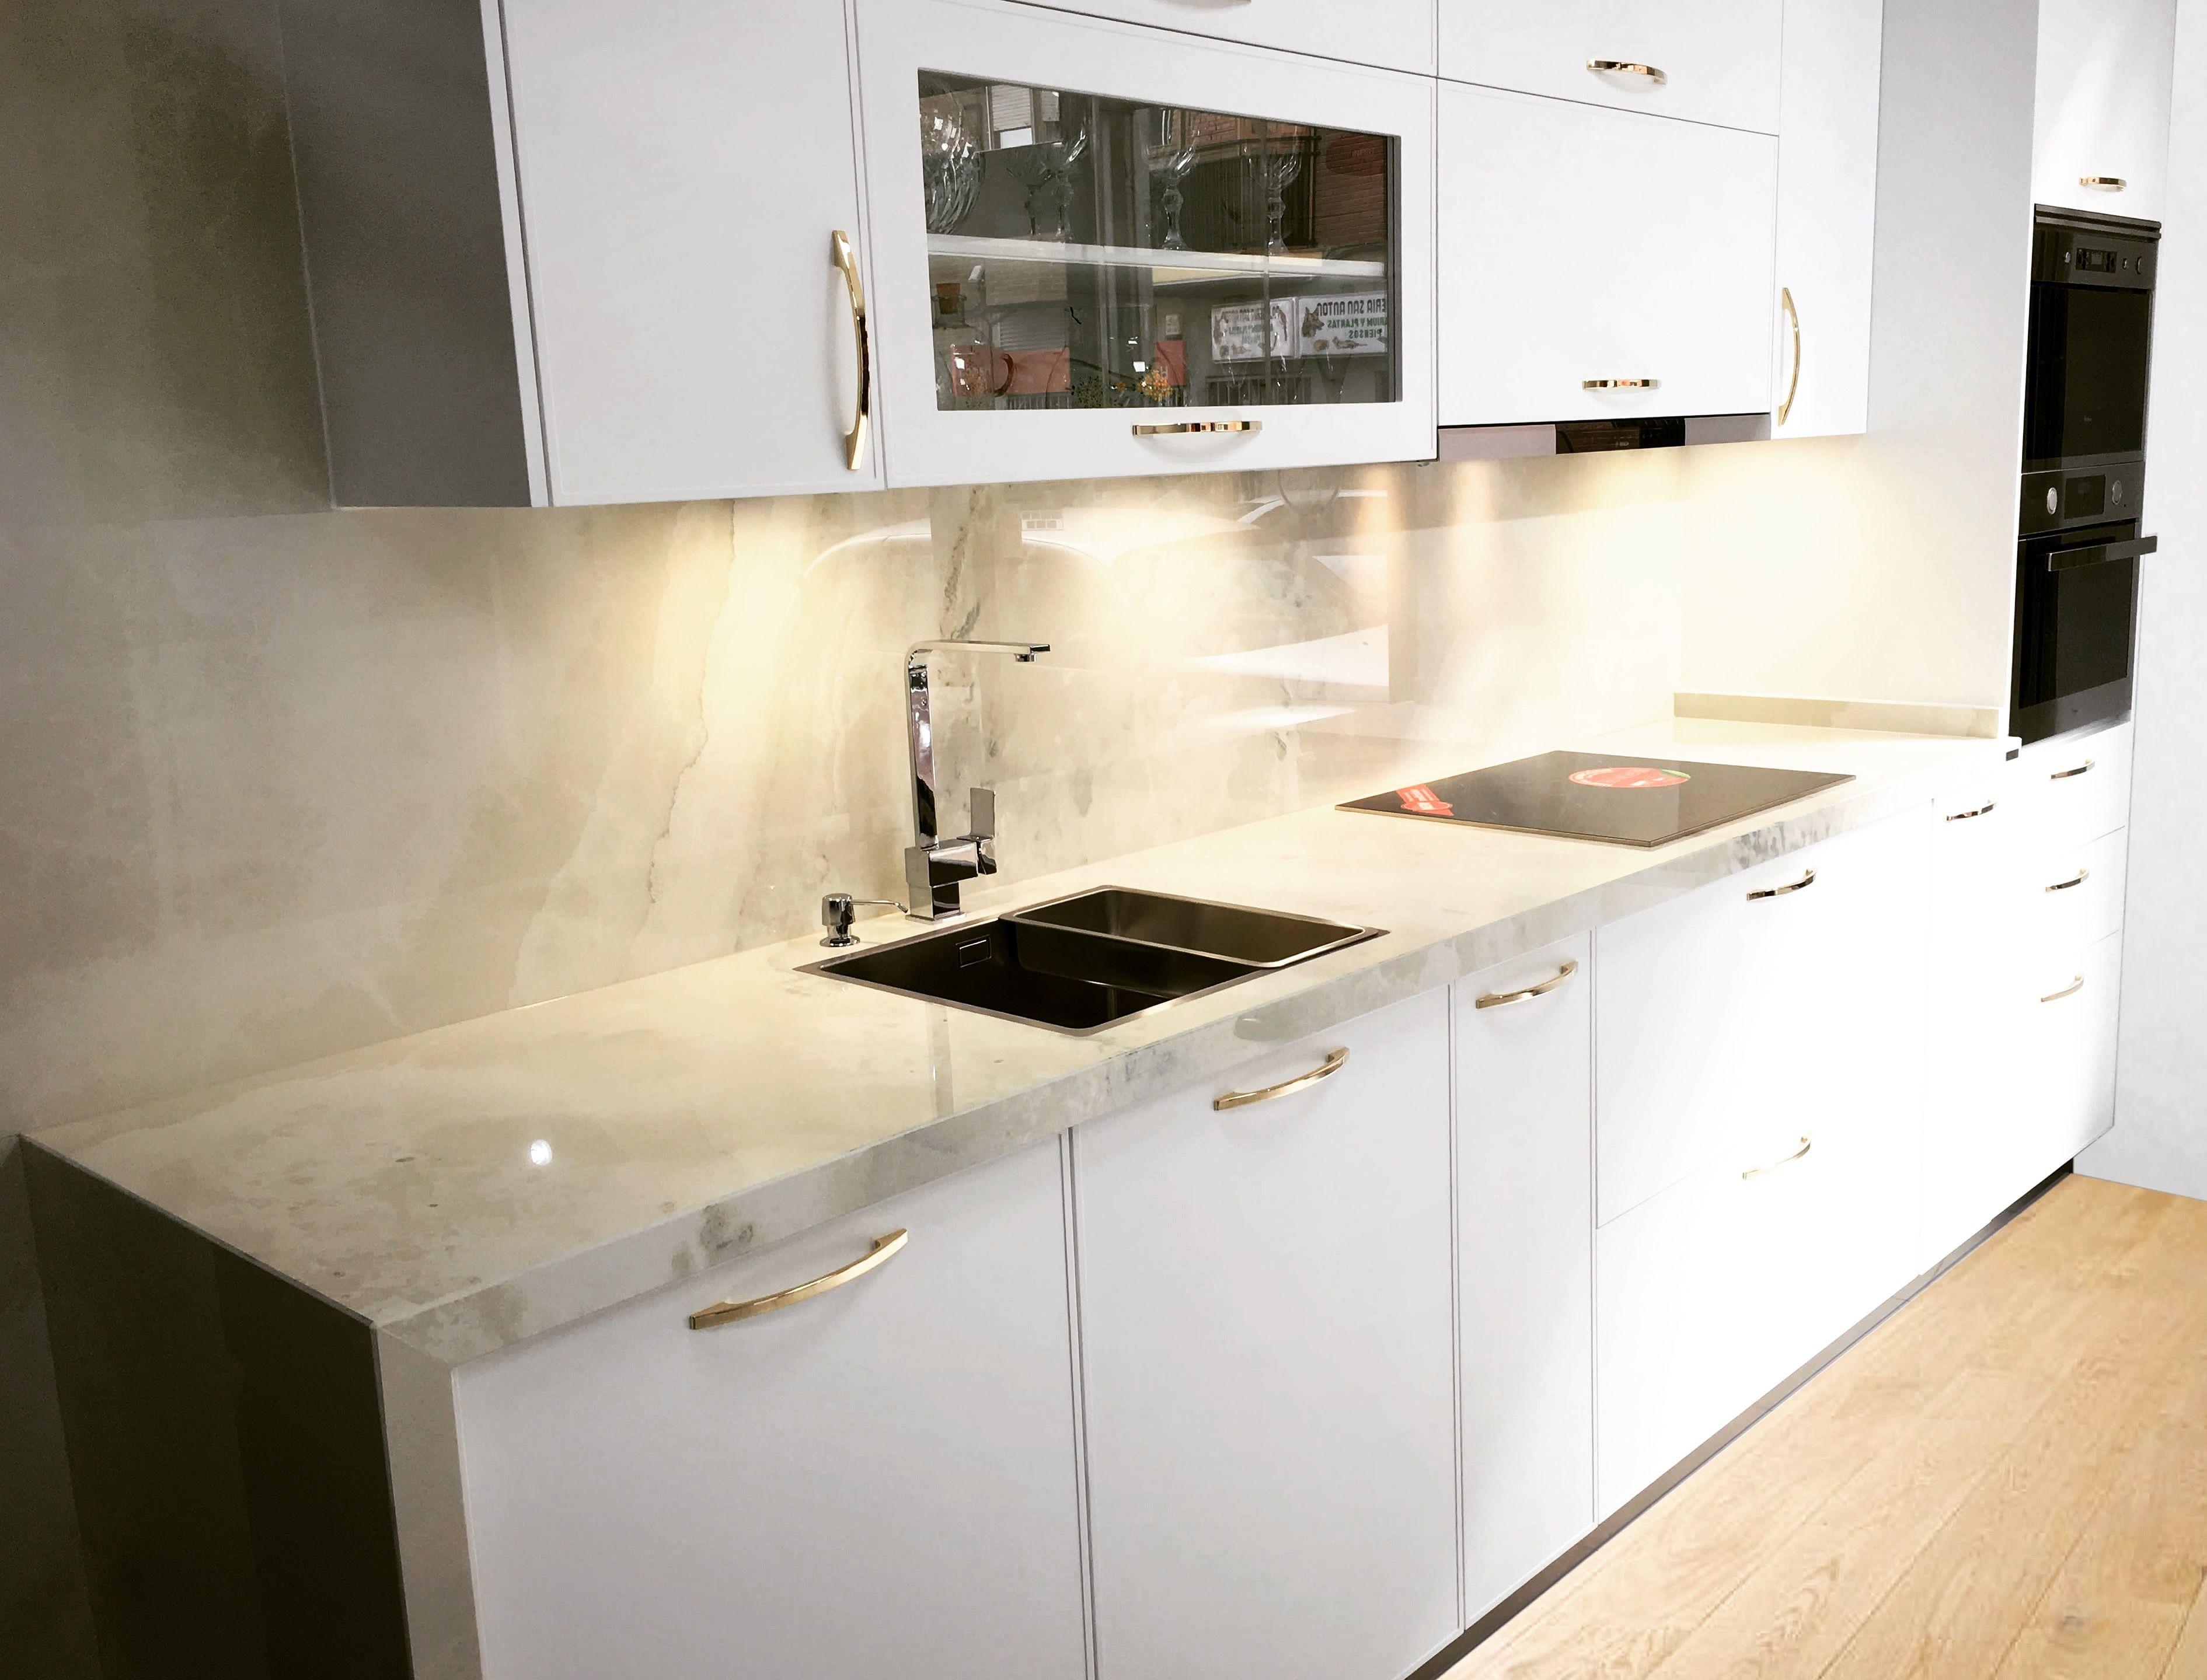 Laca blanca y dekton fiord en 2019 cocinas pinterest cocinas cocinas peque as y encimeras - Exposicion cocinas barcelona ...